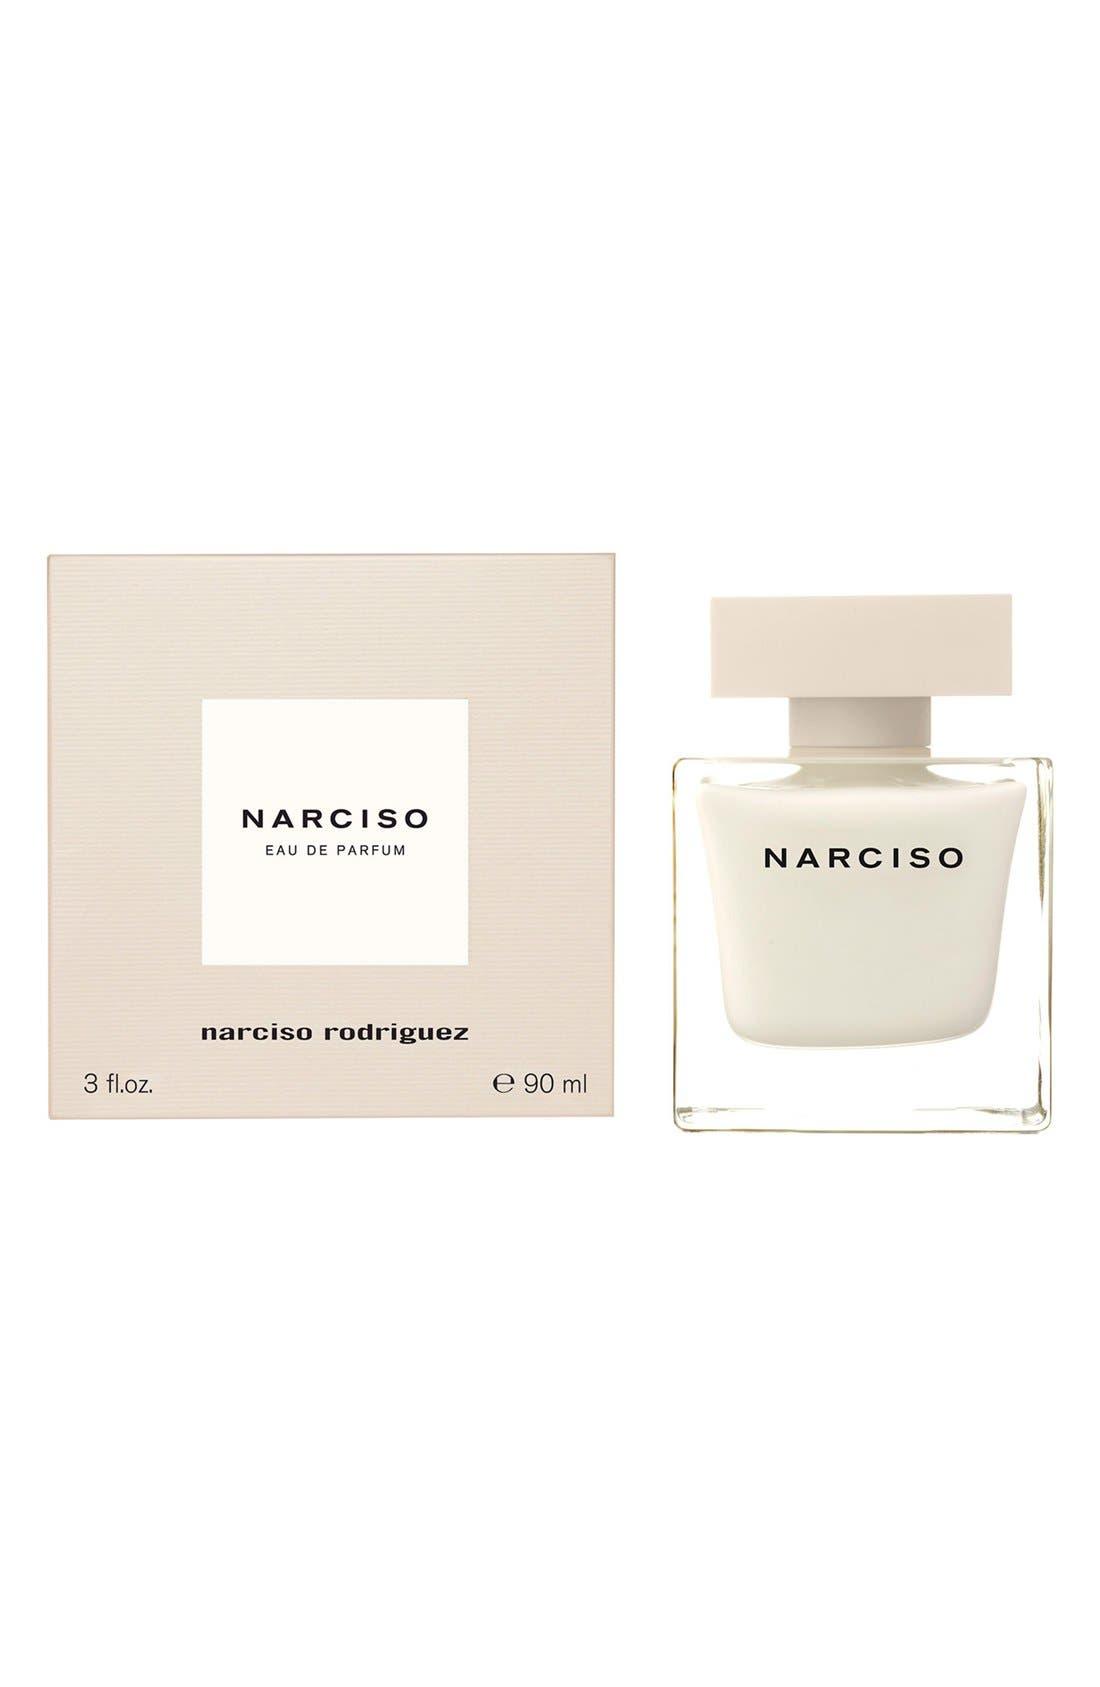 Narciso Eau de Parfum,                             Main thumbnail 3, color,                             NO COLOR 2